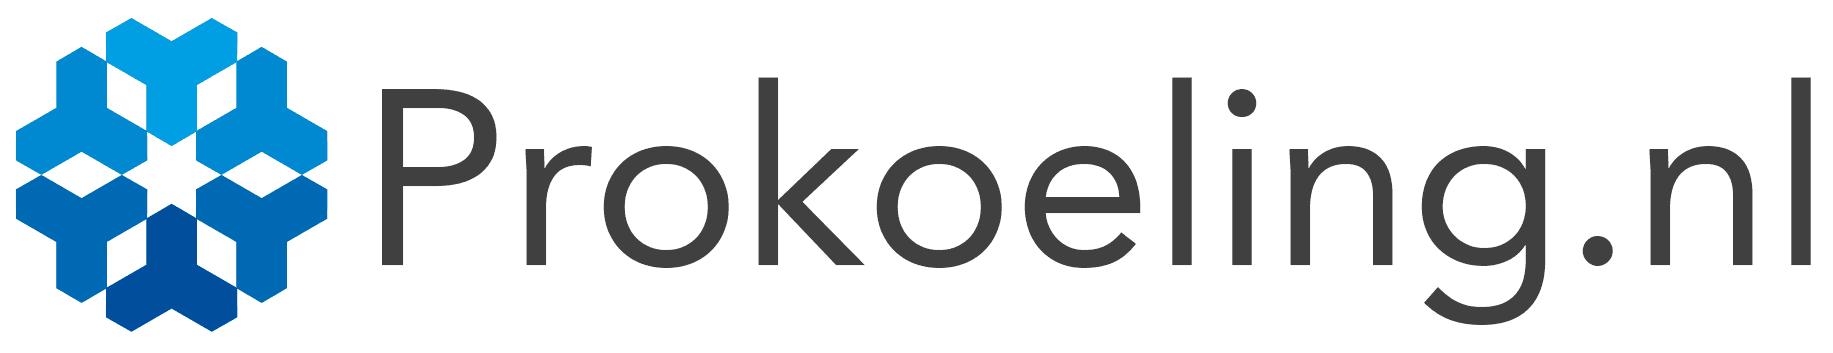 Prokoeling.nl